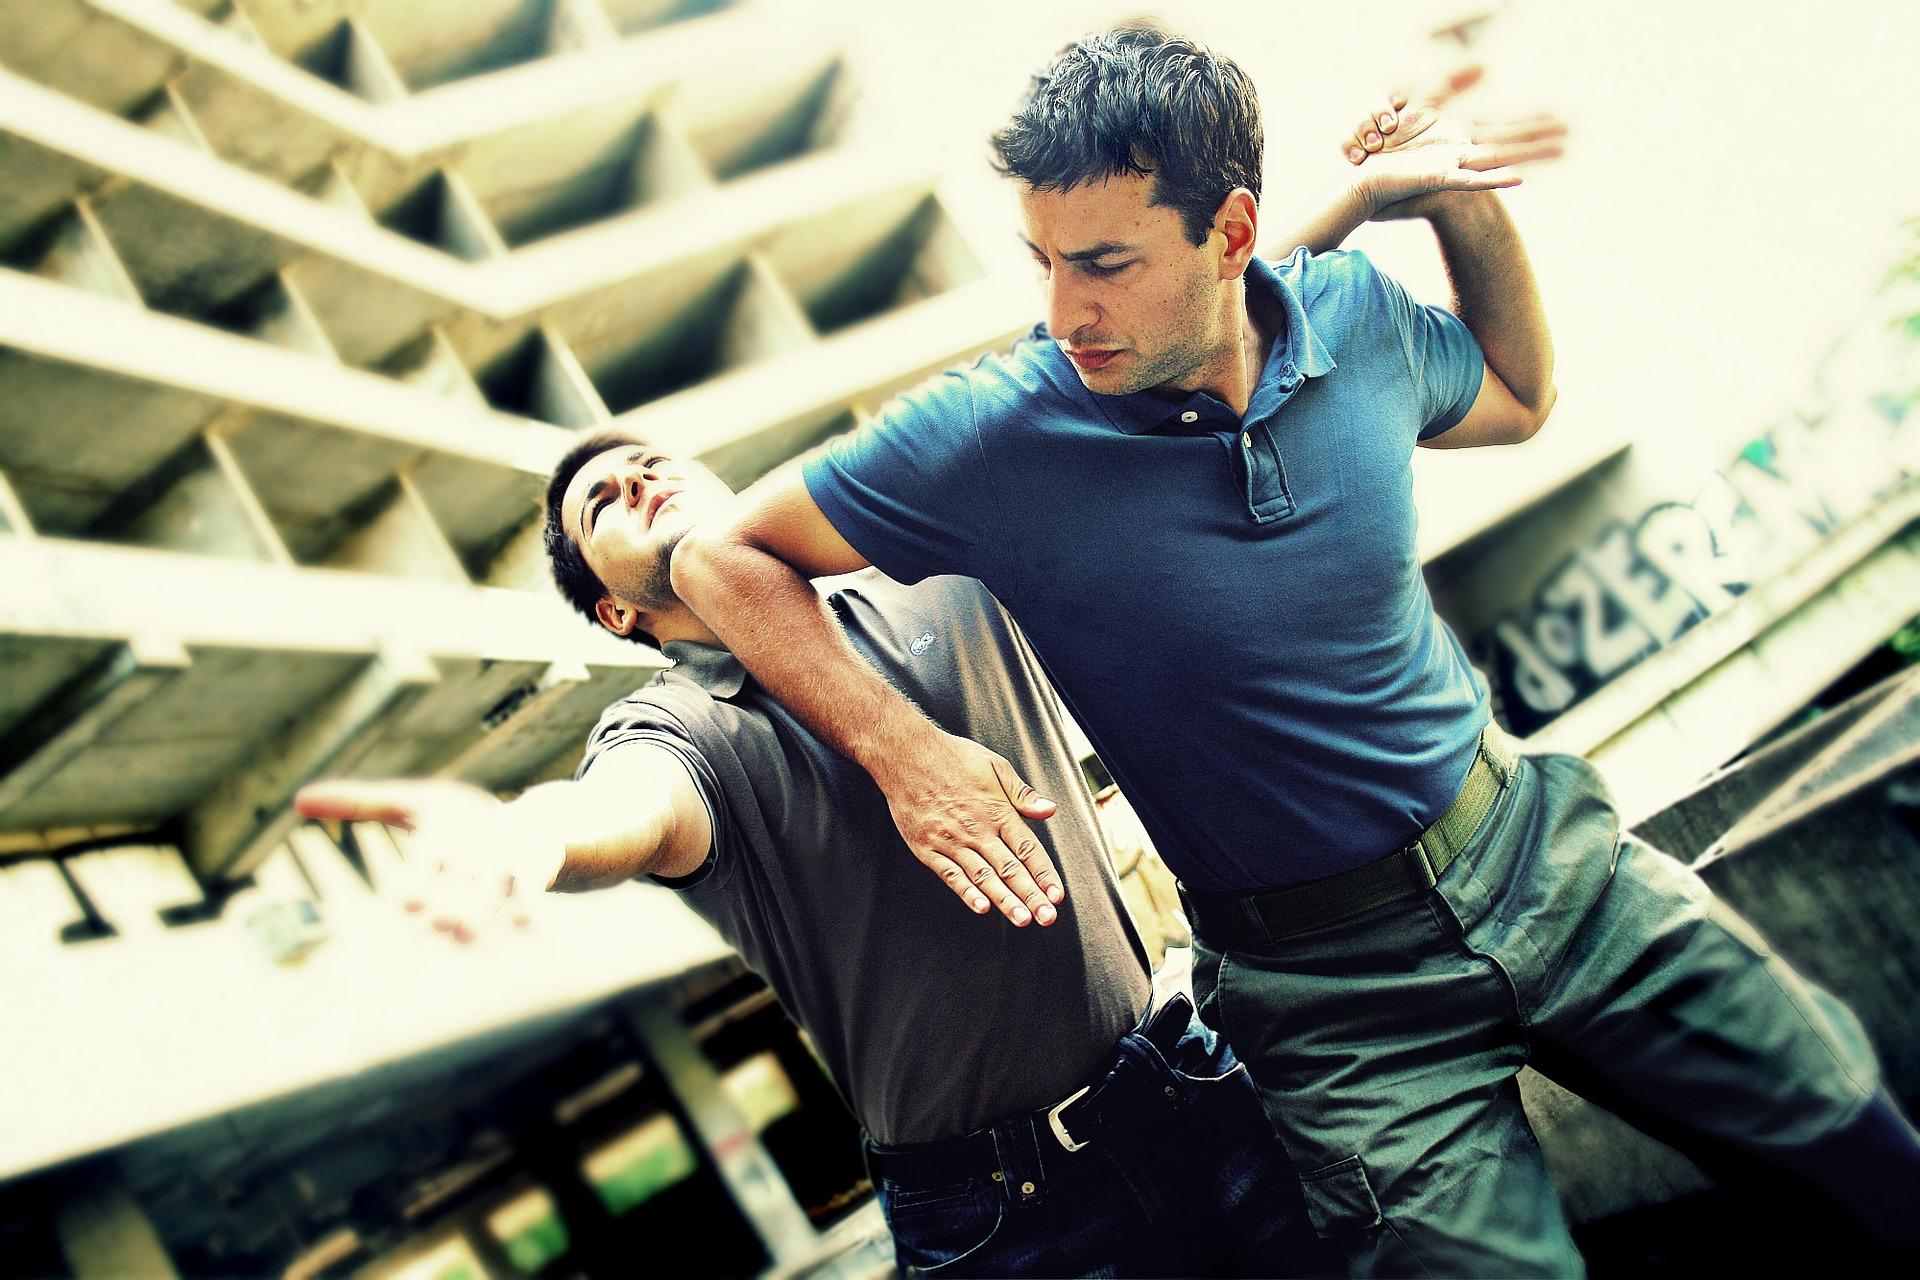 contre-attaque coude self-défense avec contrôle du poignet